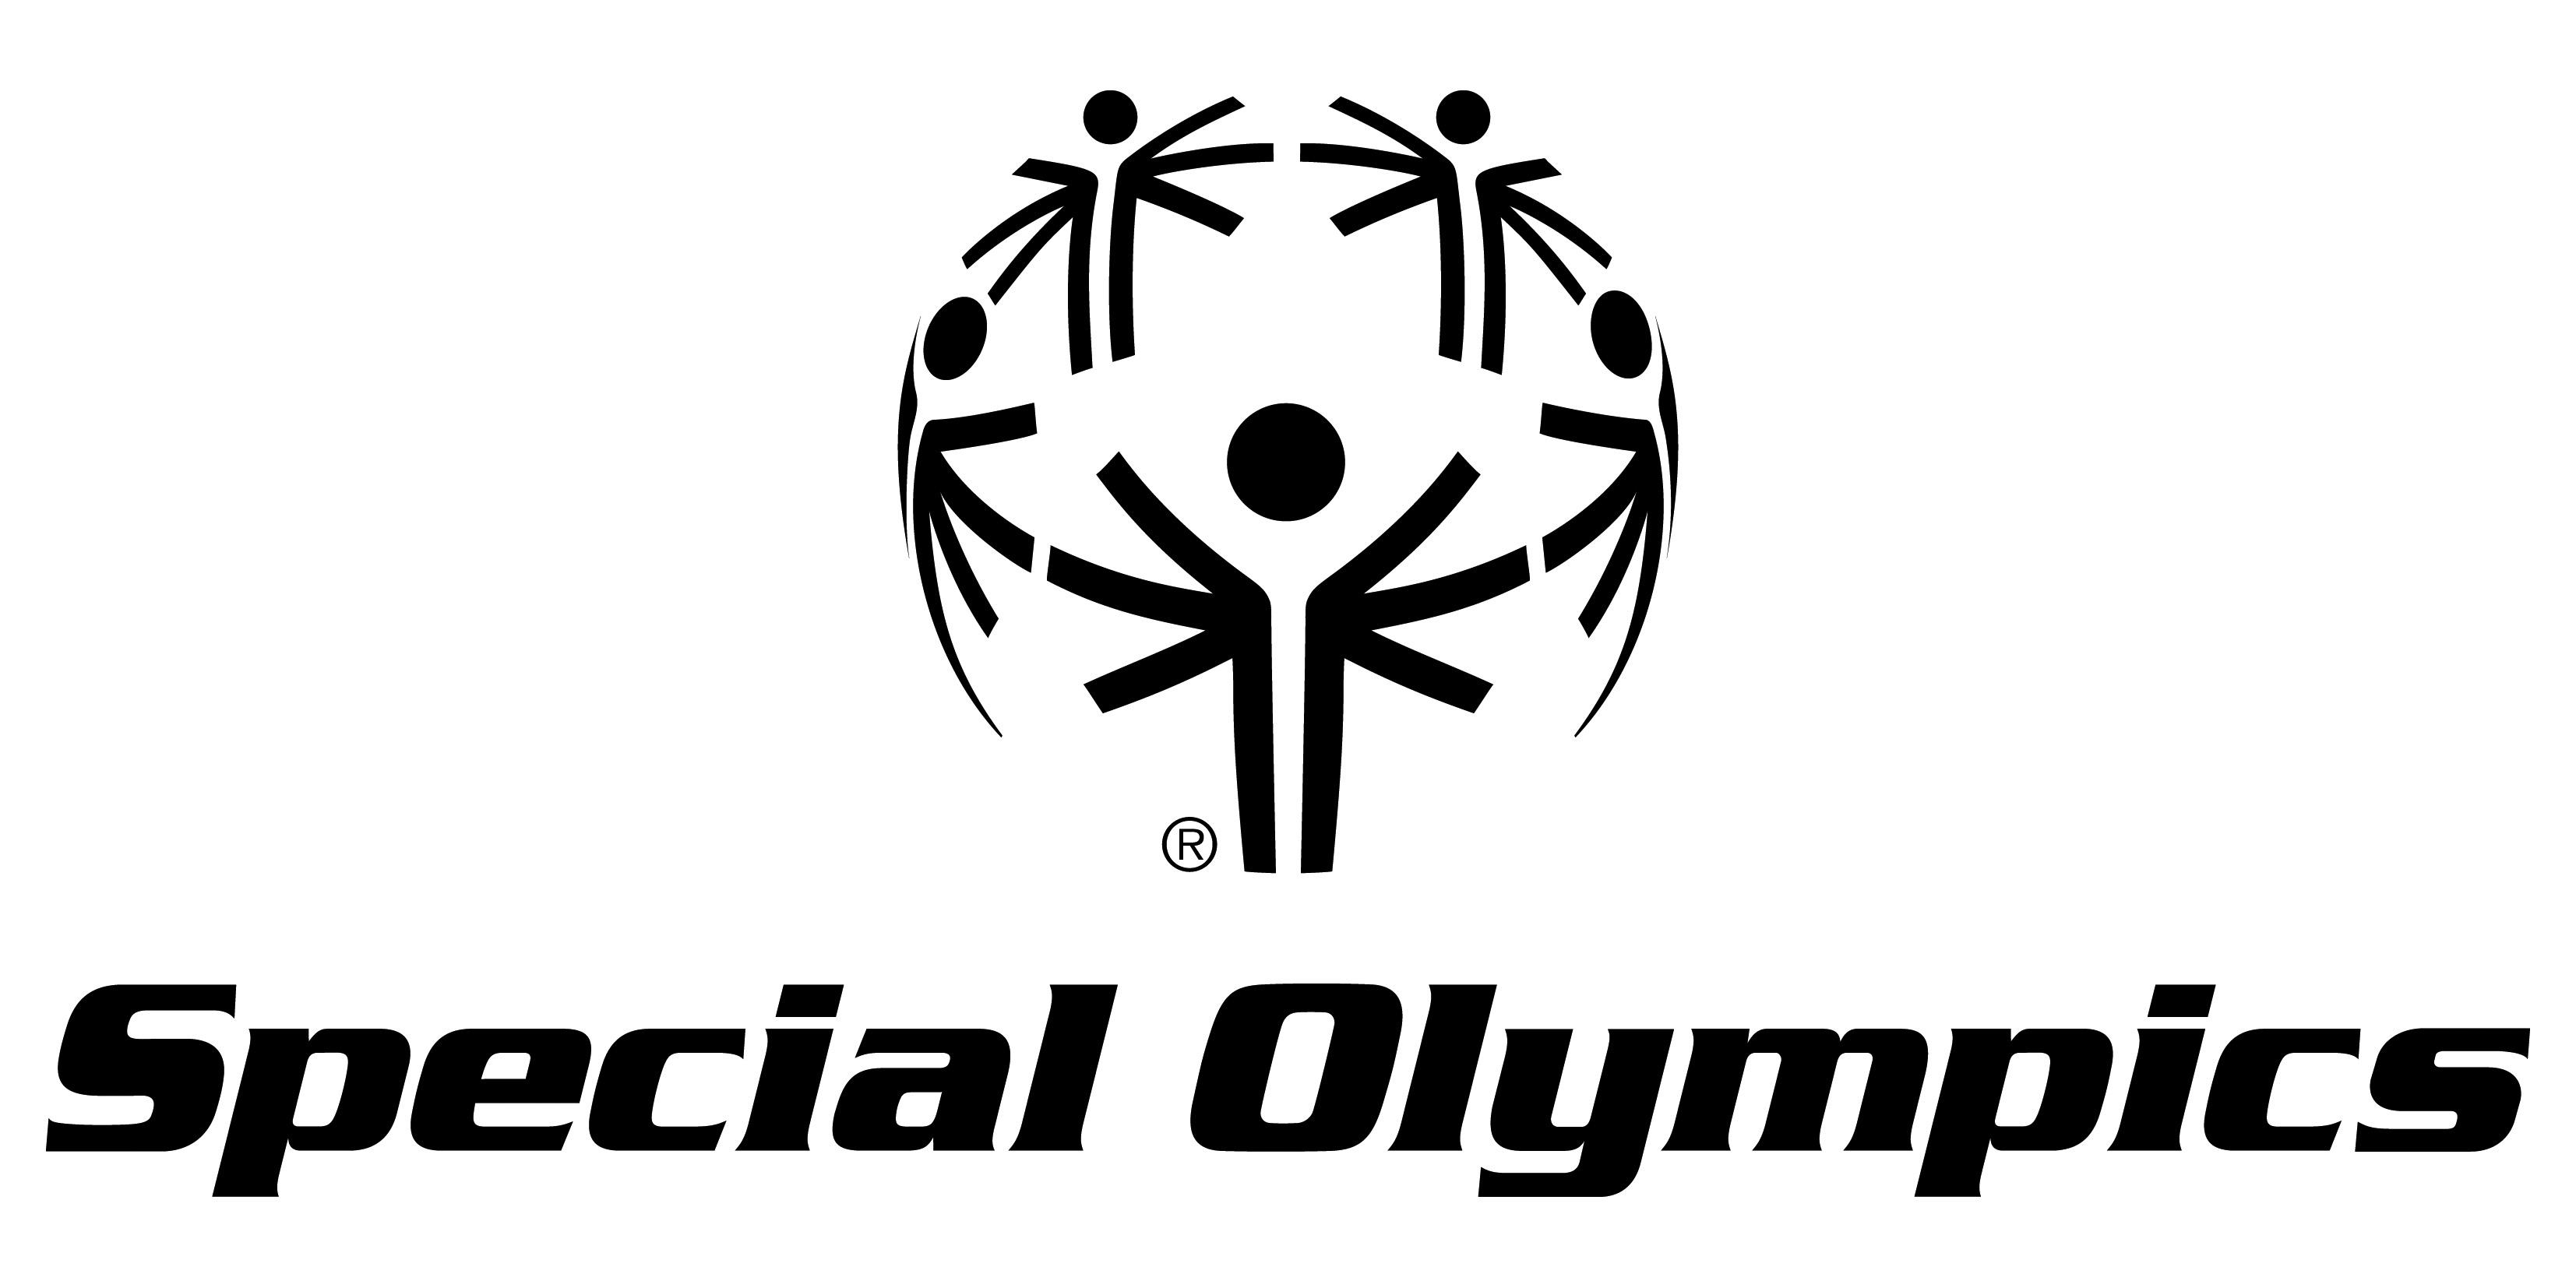 Specal Olympics